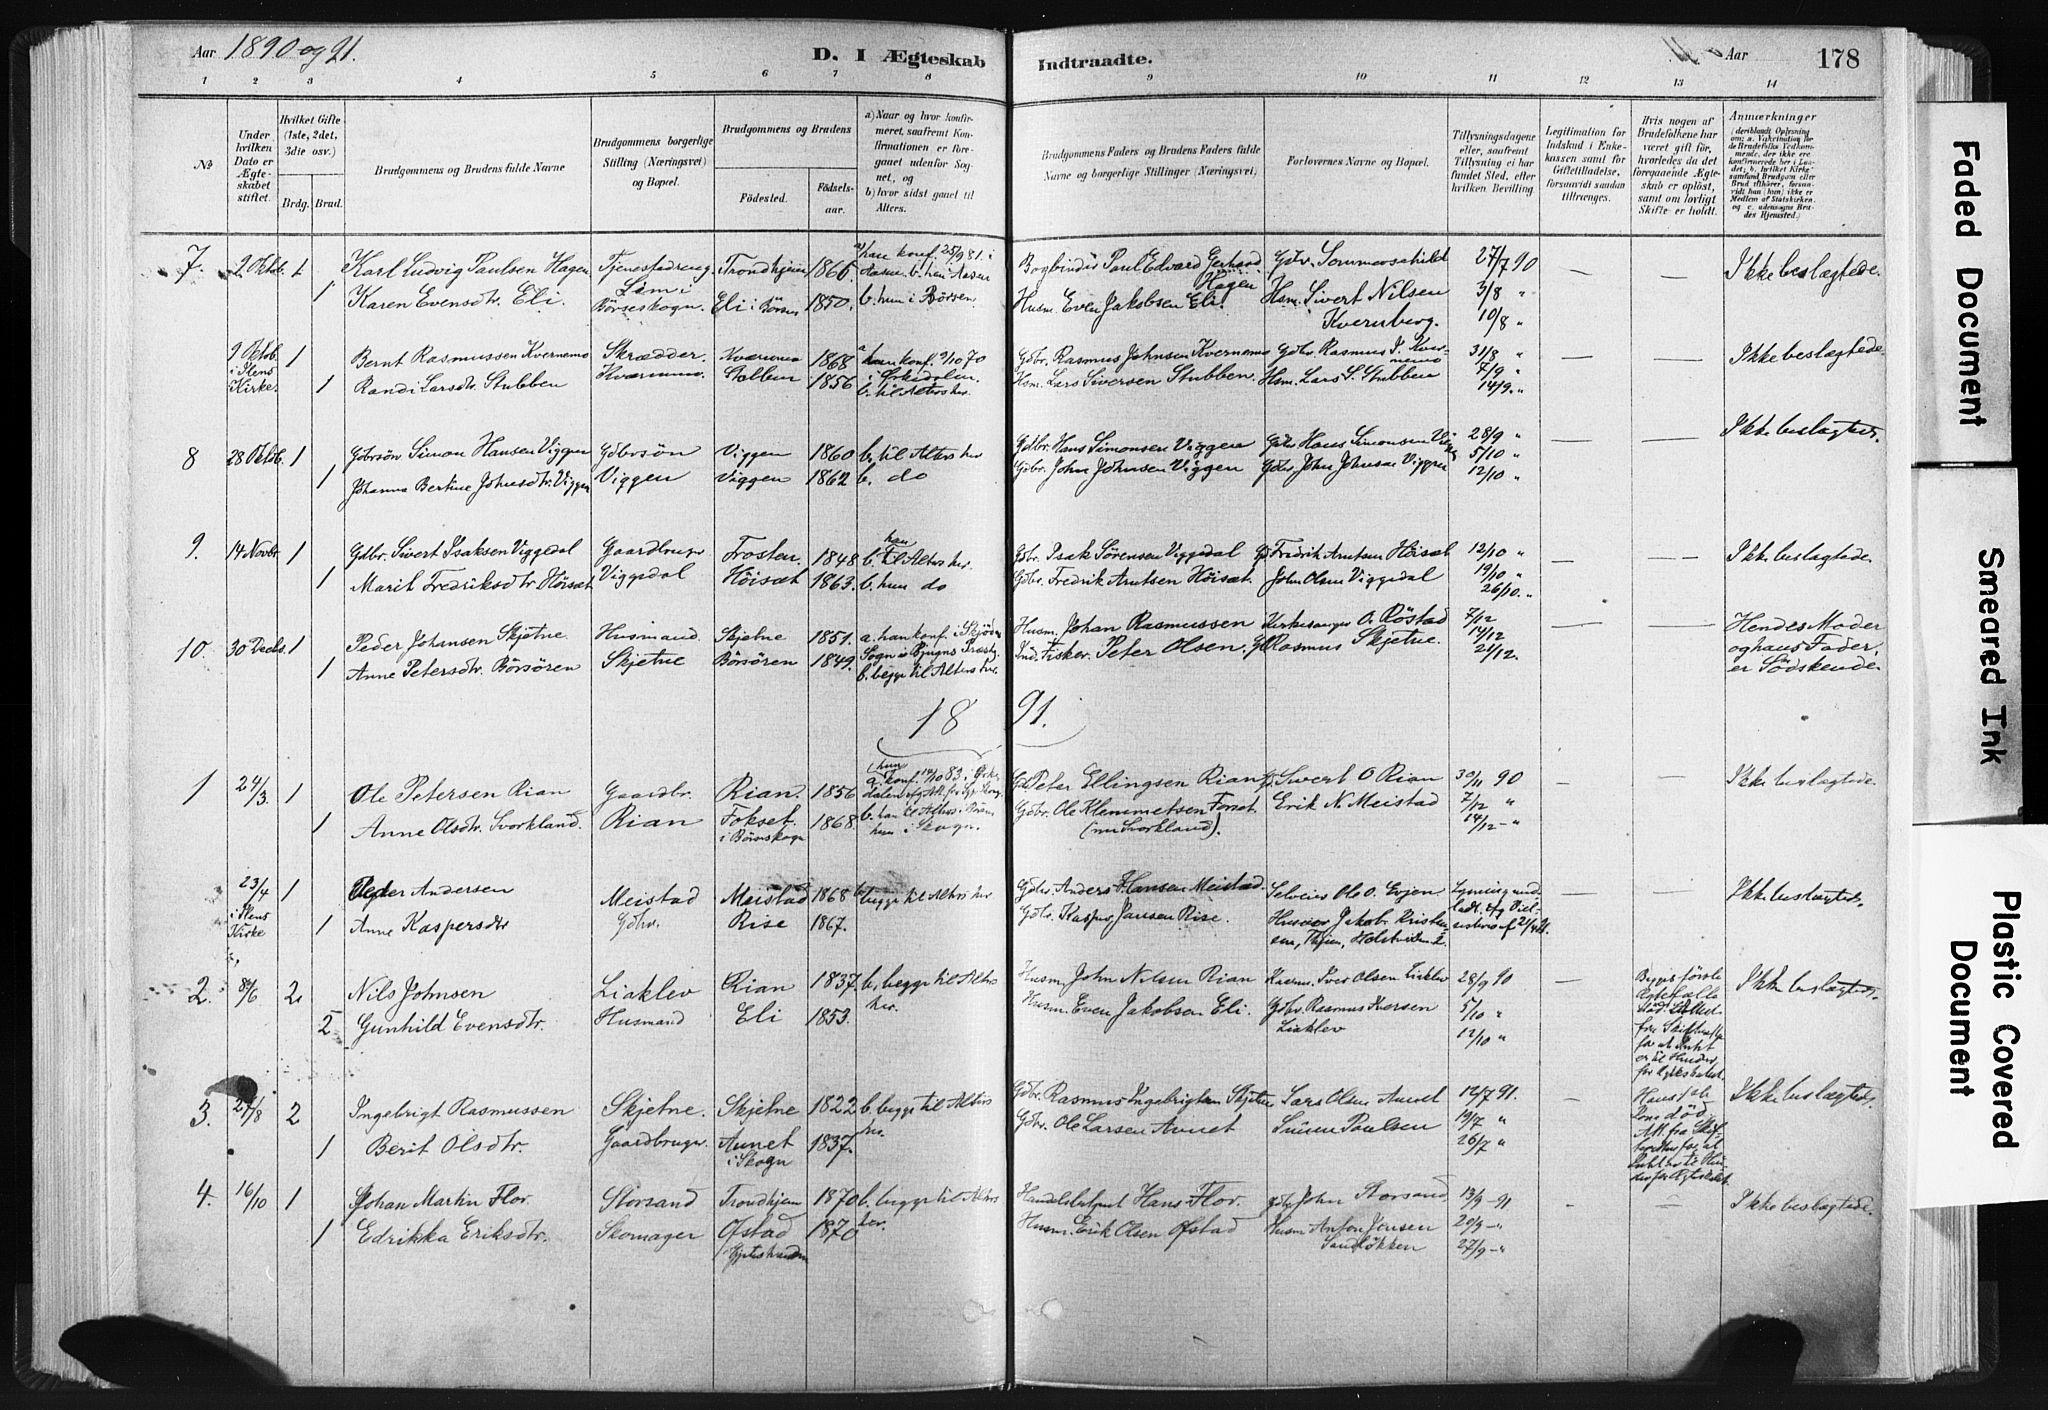 SAT, Ministerialprotokoller, klokkerbøker og fødselsregistre - Sør-Trøndelag, 665/L0773: Ministerialbok nr. 665A08, 1879-1905, s. 178